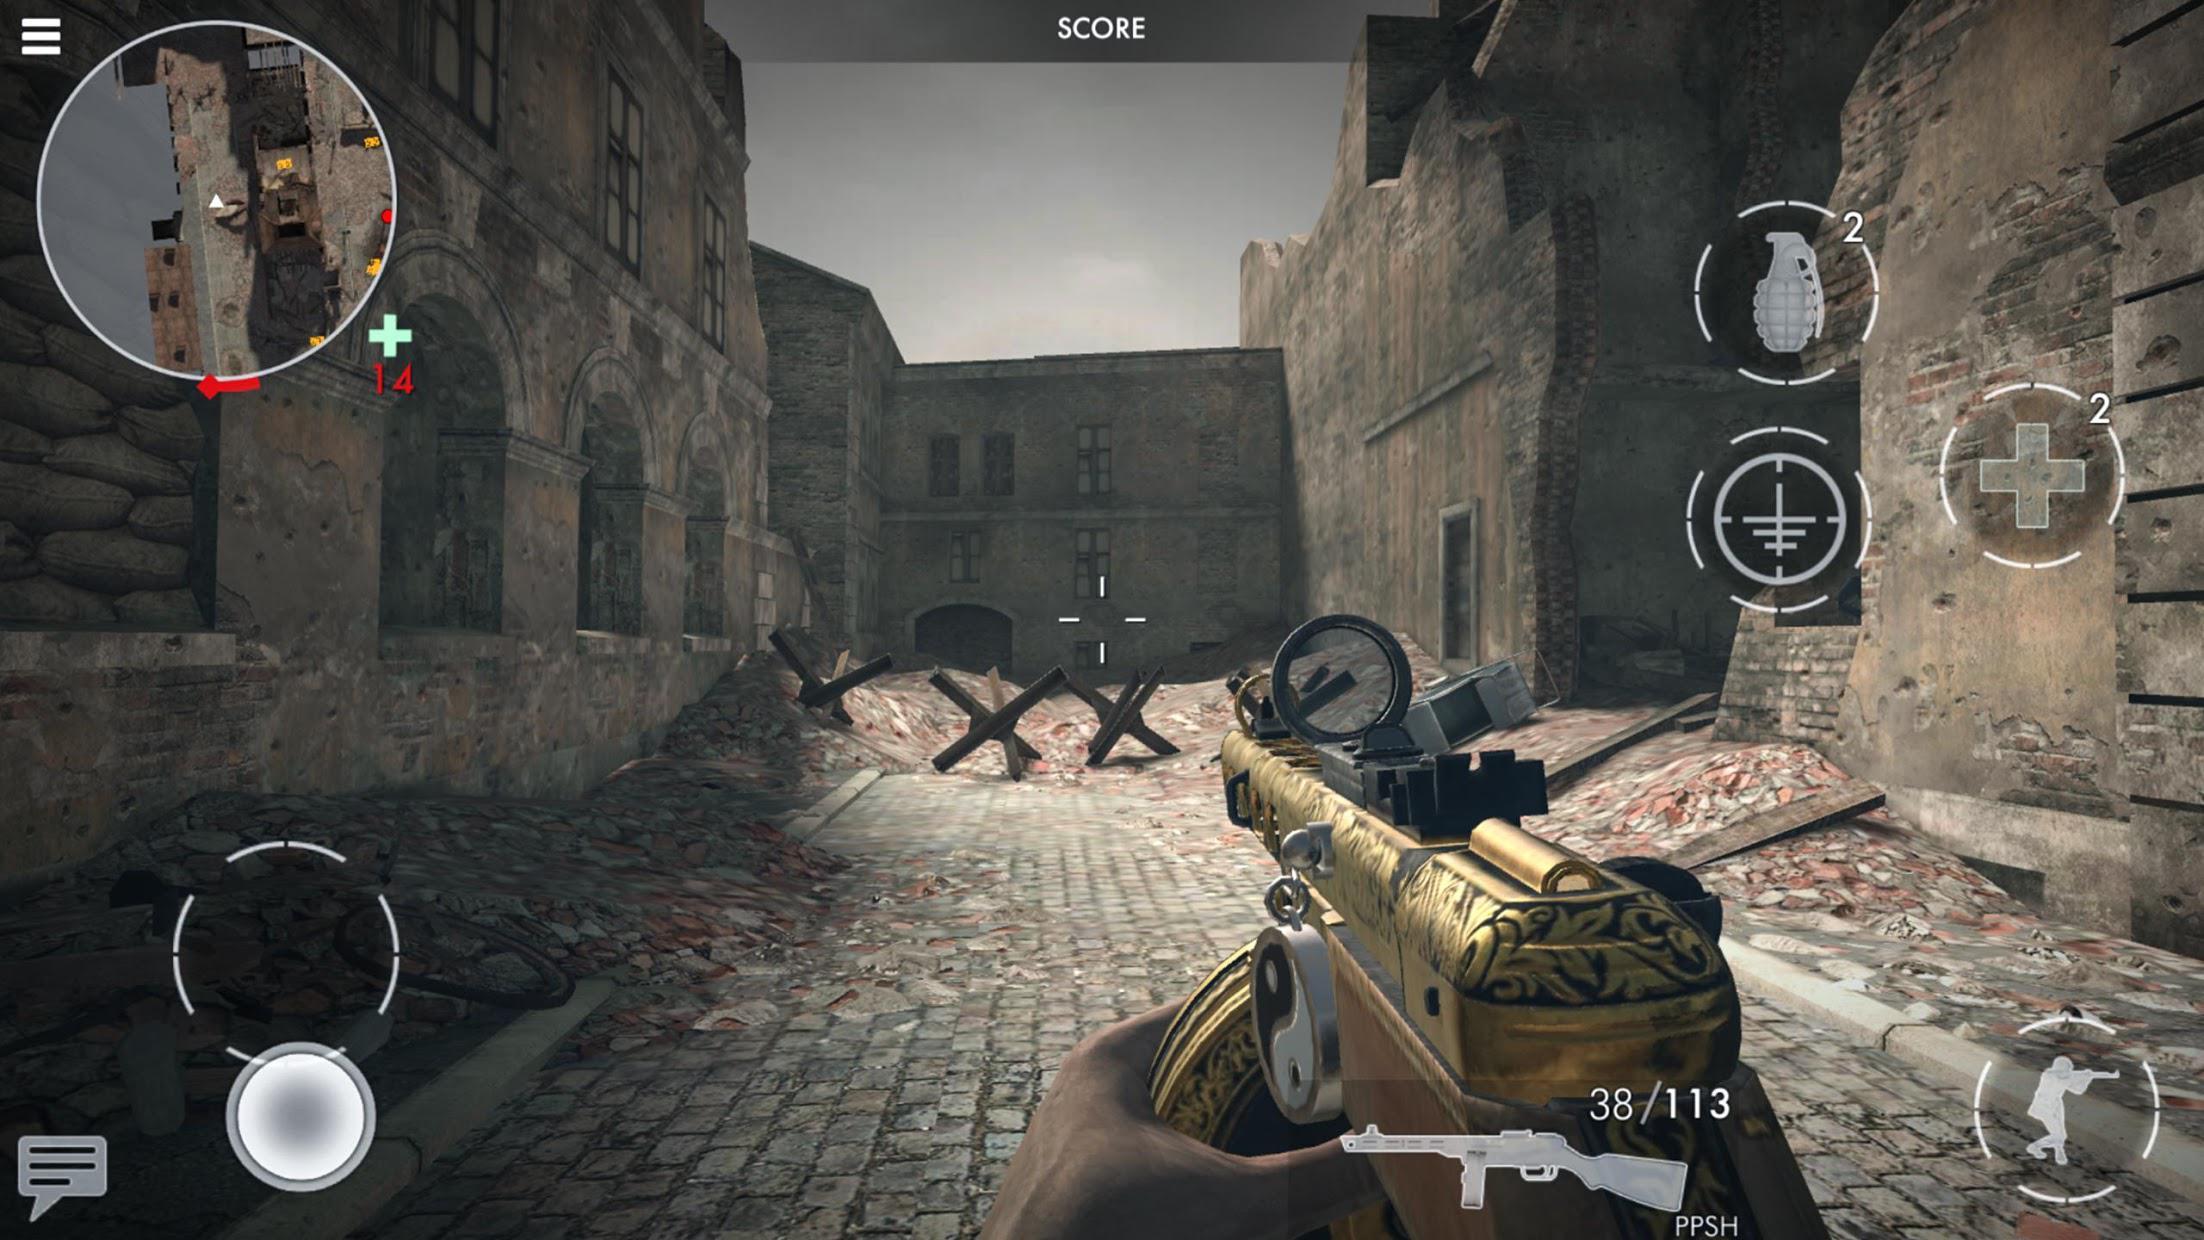 世界战争 :英雄 游戏截图3